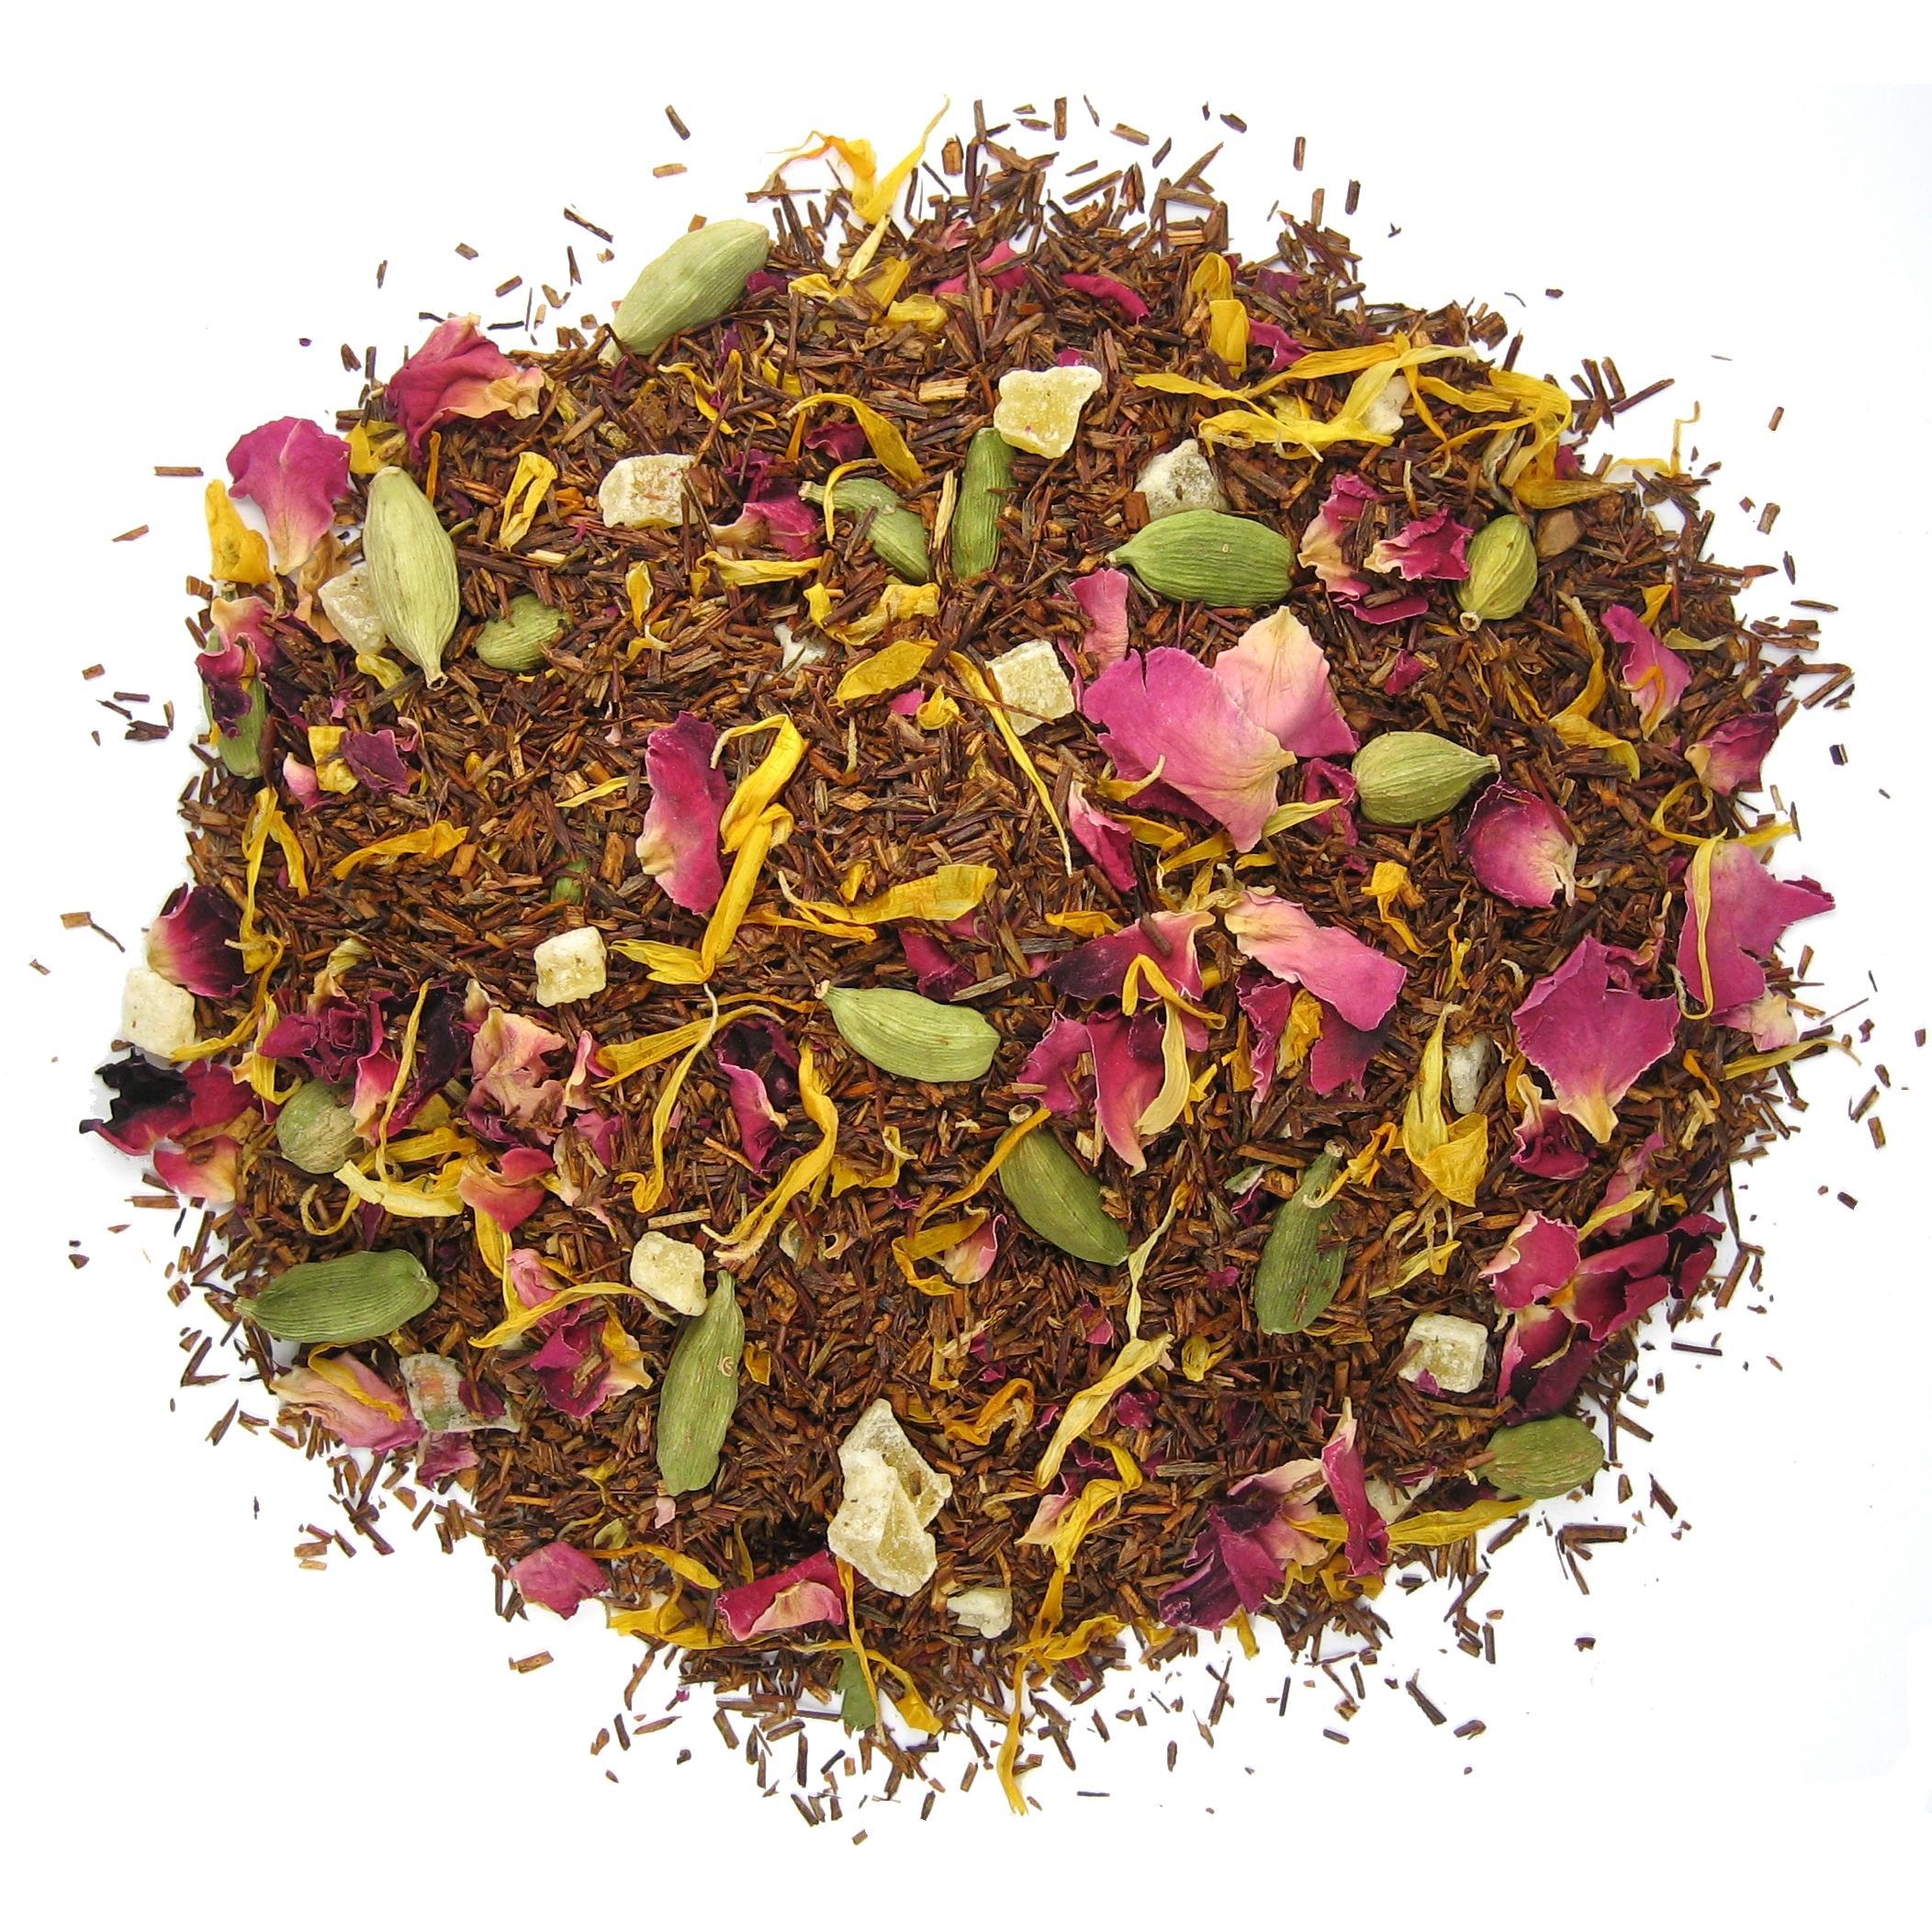 De Vlindertuin - 1 - Trending Tea